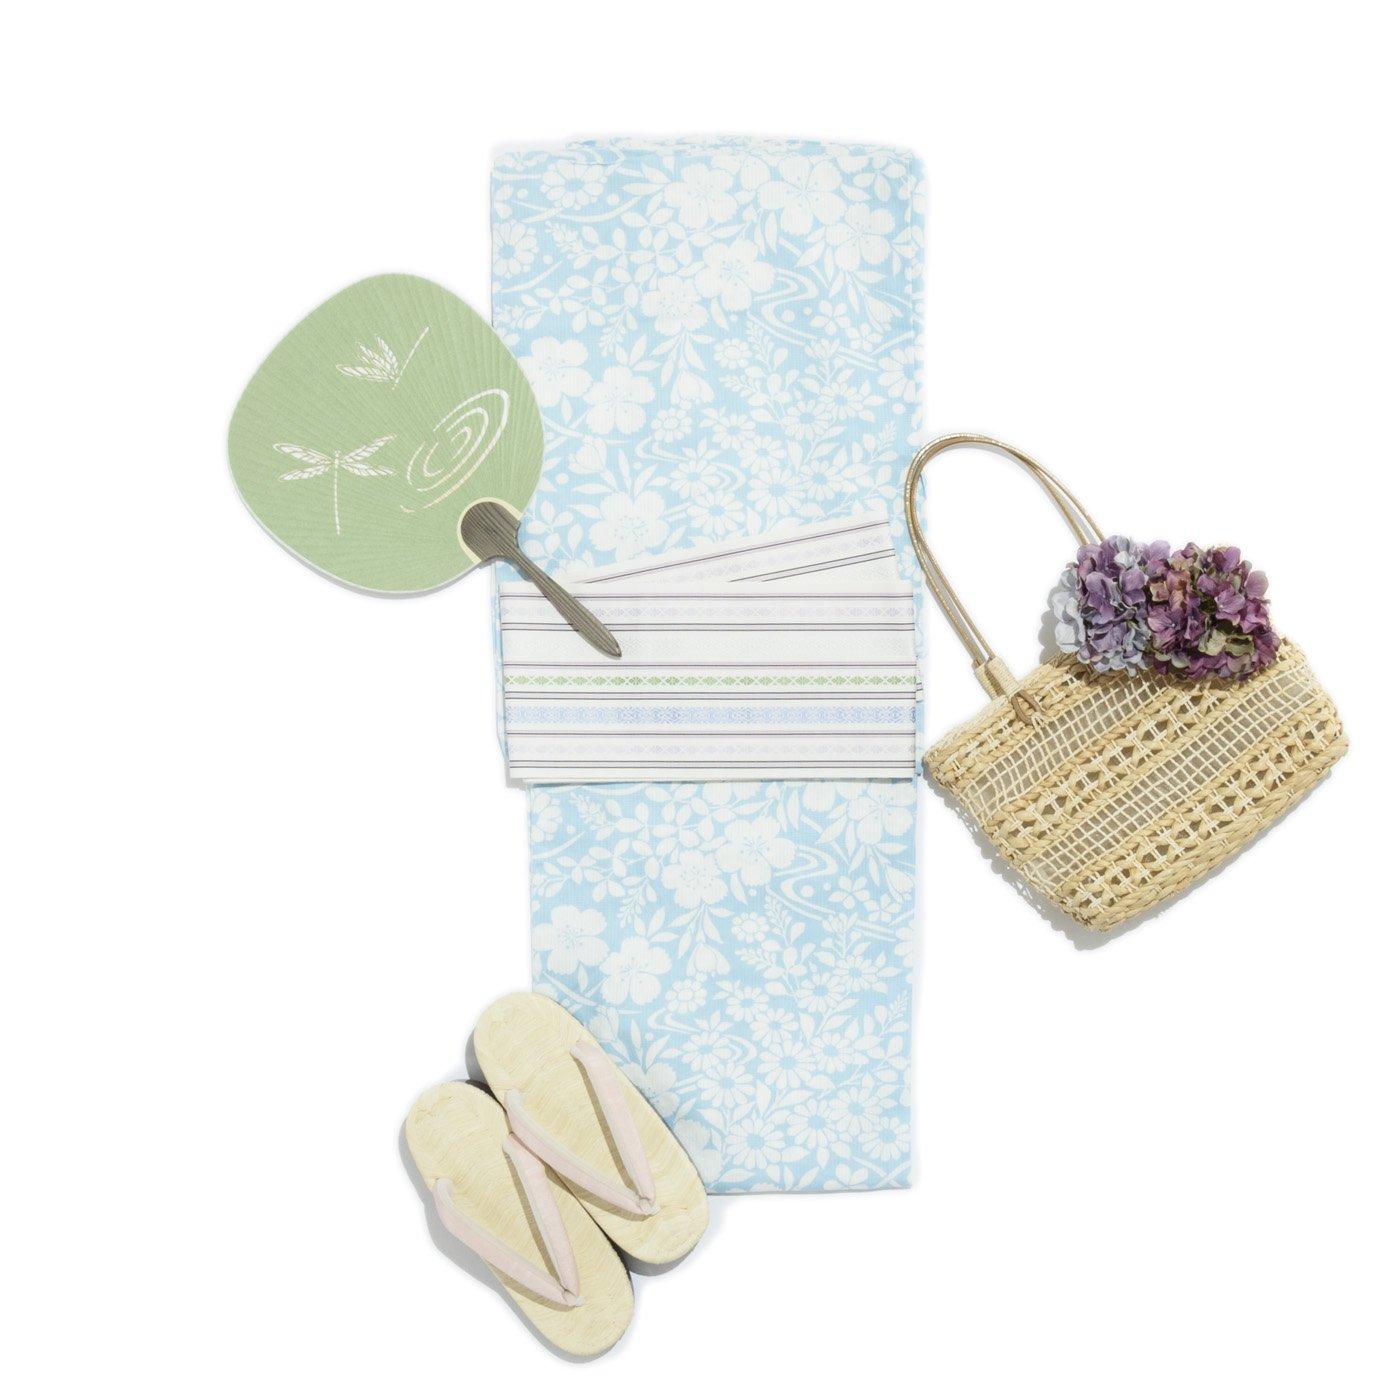 「新品浴衣 涼感 水色の地に小花」の商品画像